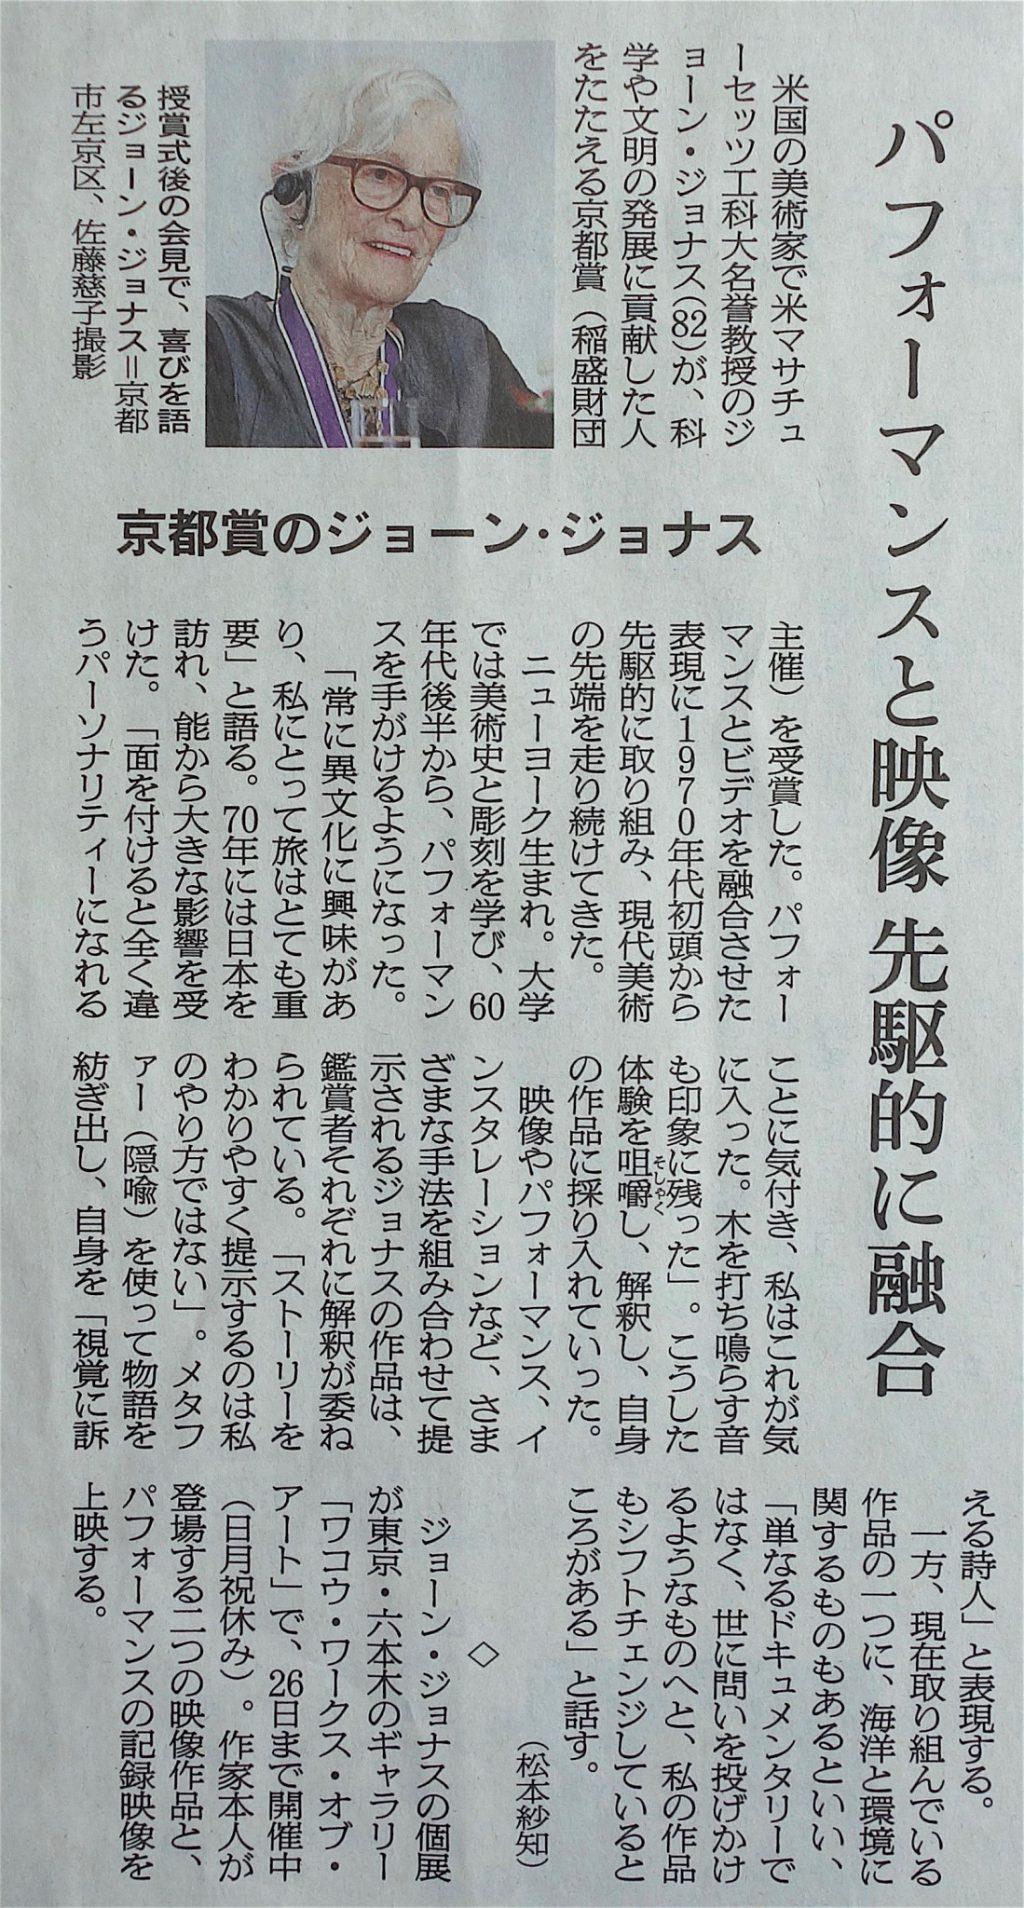 ASAHI SHIMBUN 朝日新聞夕刊 2018年12月11日